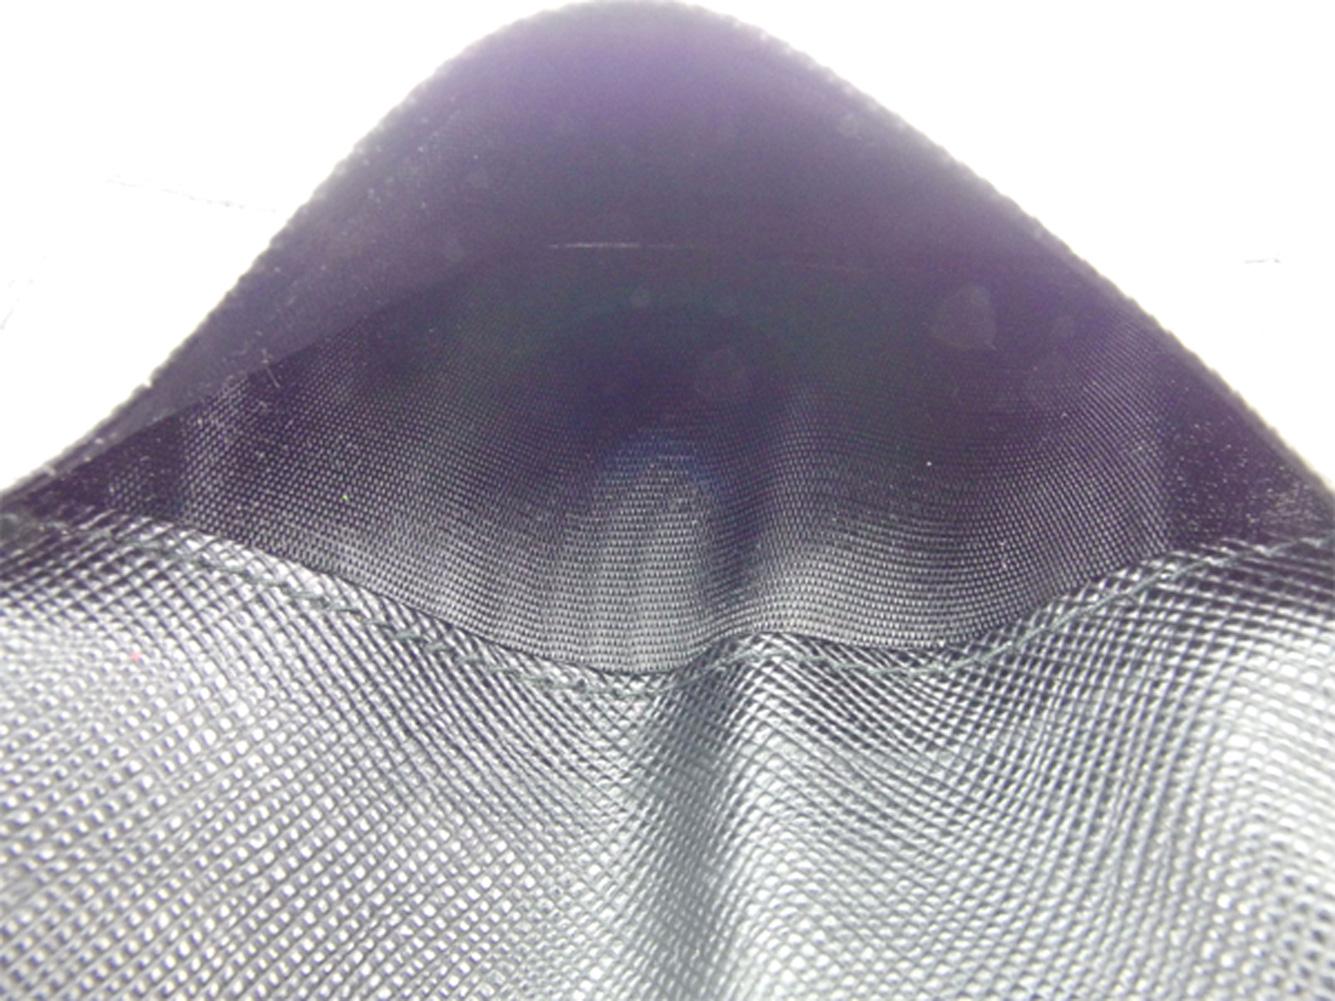 プラダ PRADA キーケース 6連キーケース レディース メンズ ブラック シルバー サフィアーノレザー T8091 A0PNymnv8wO